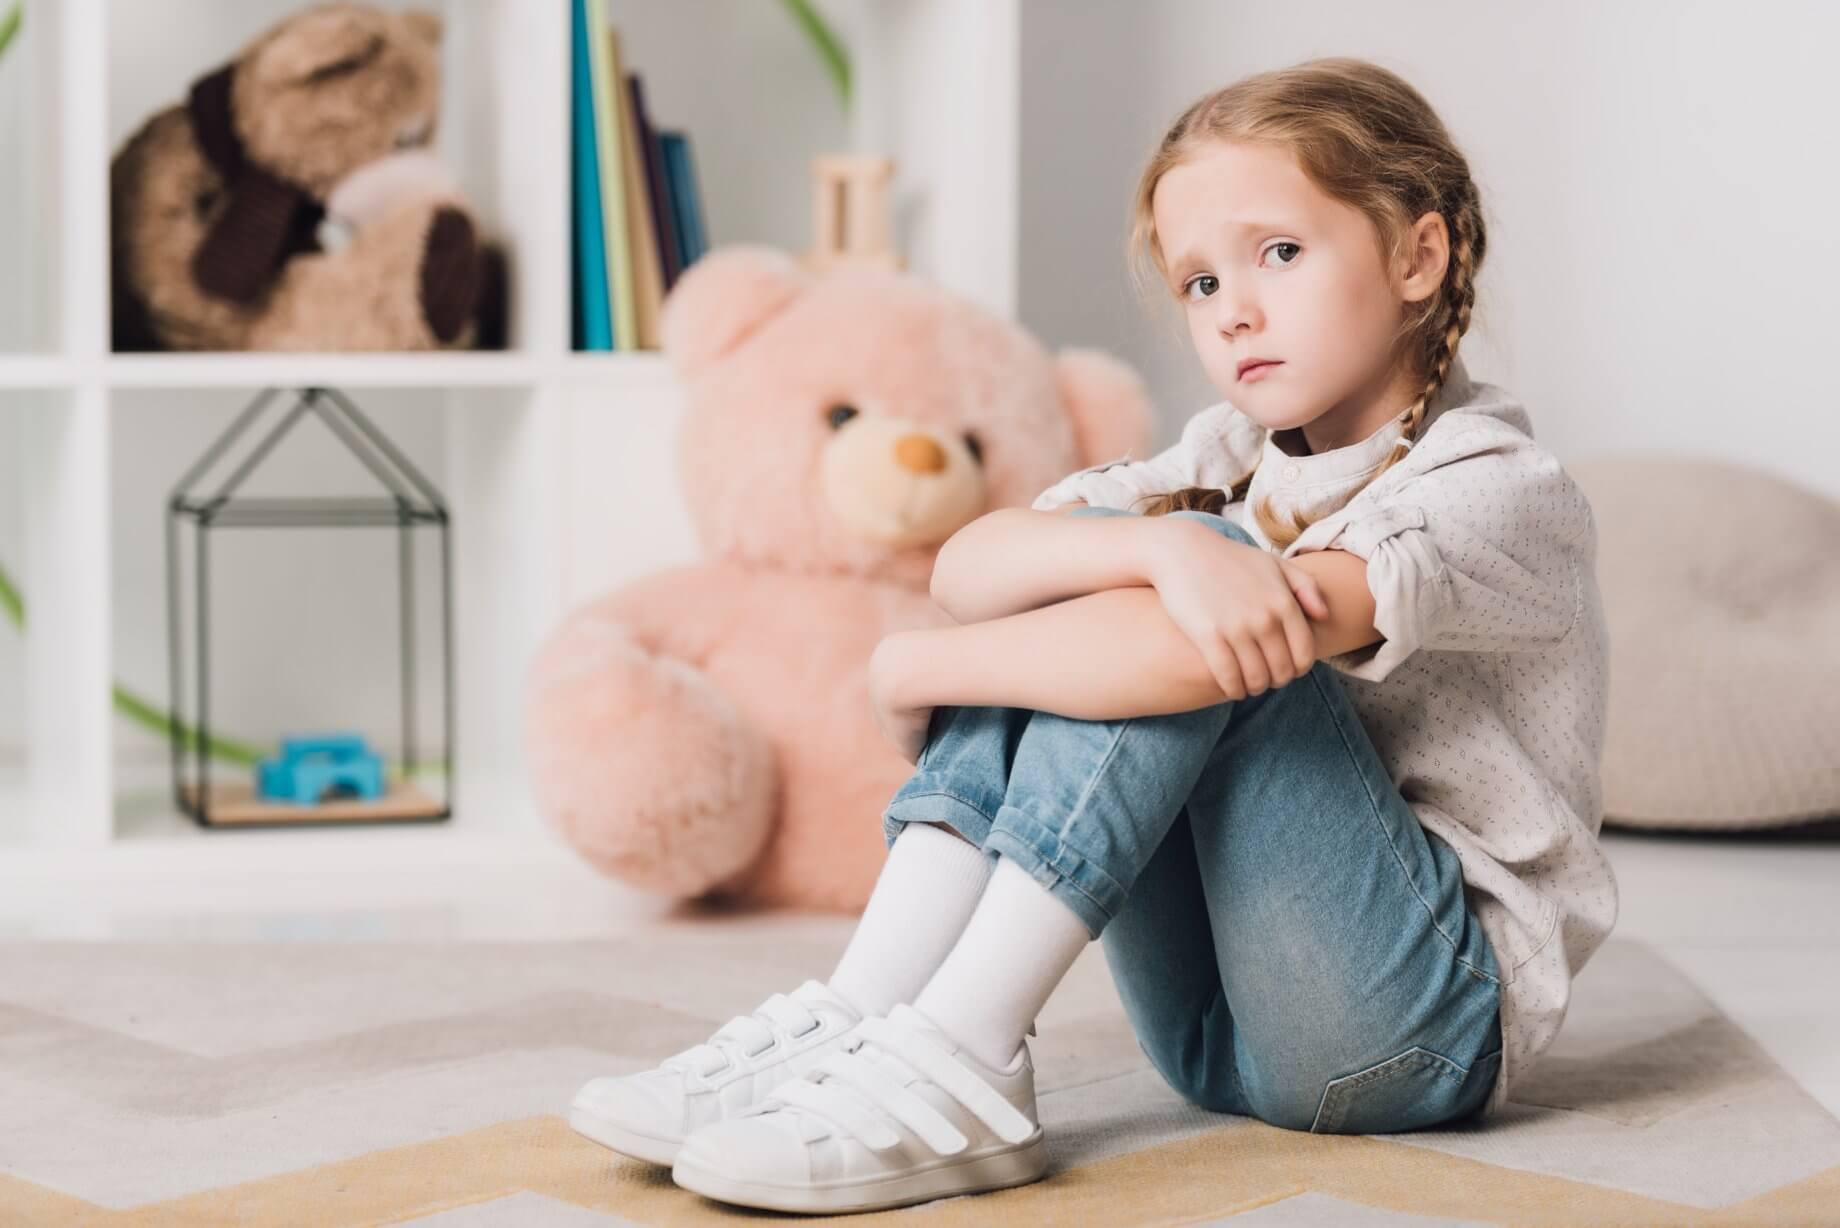 Детская депрессия: симптомы и признаки